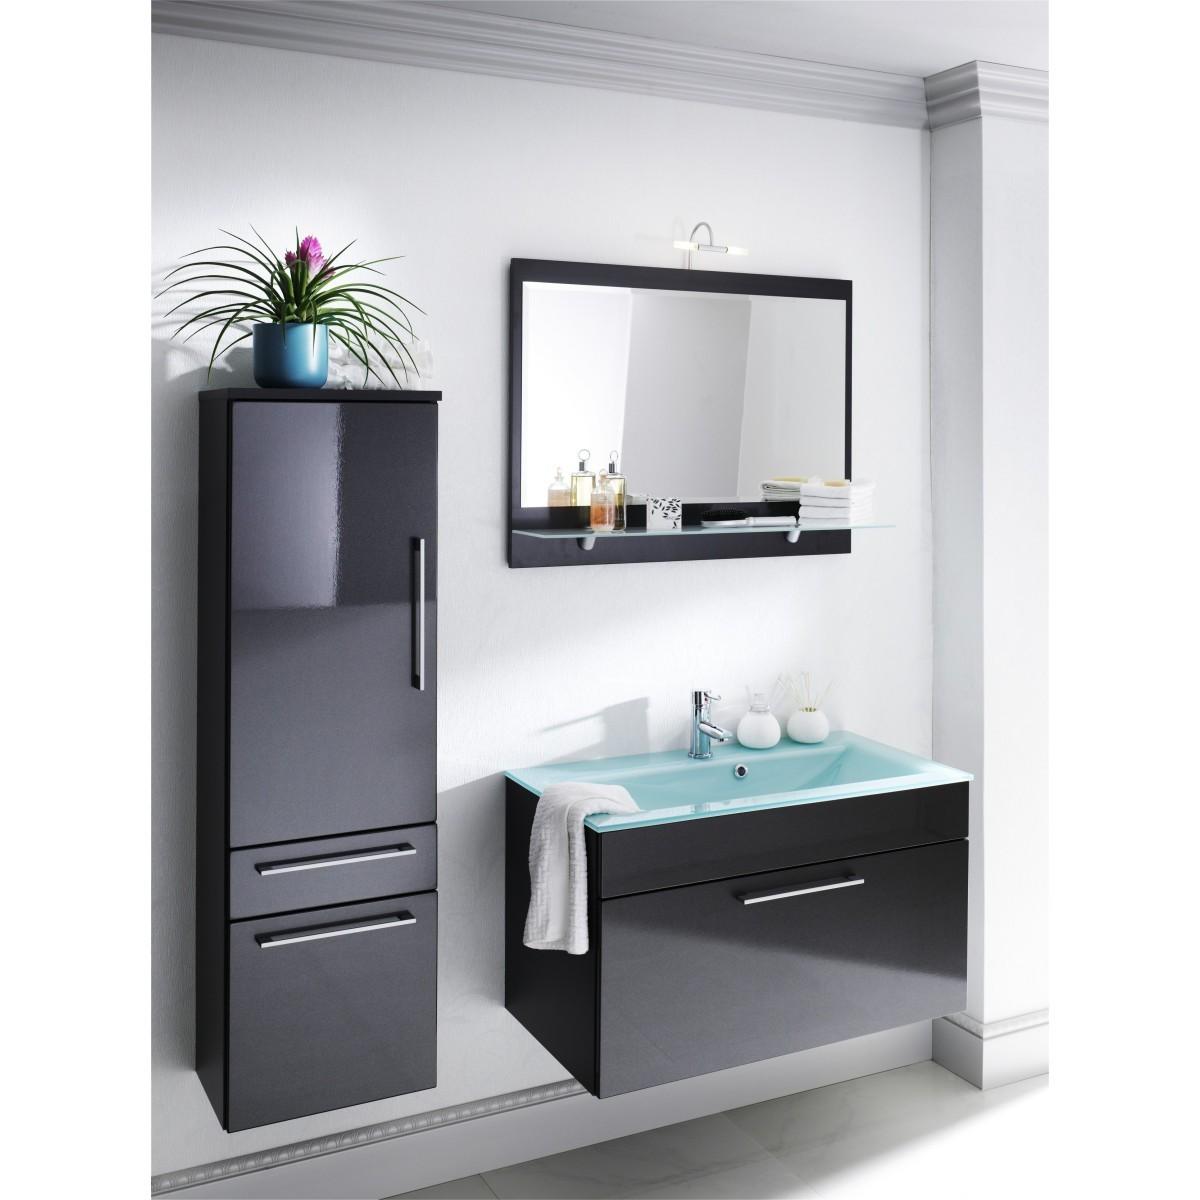 Badezimmerspiegel Mit Beleuchtung Obi CARPROLA For